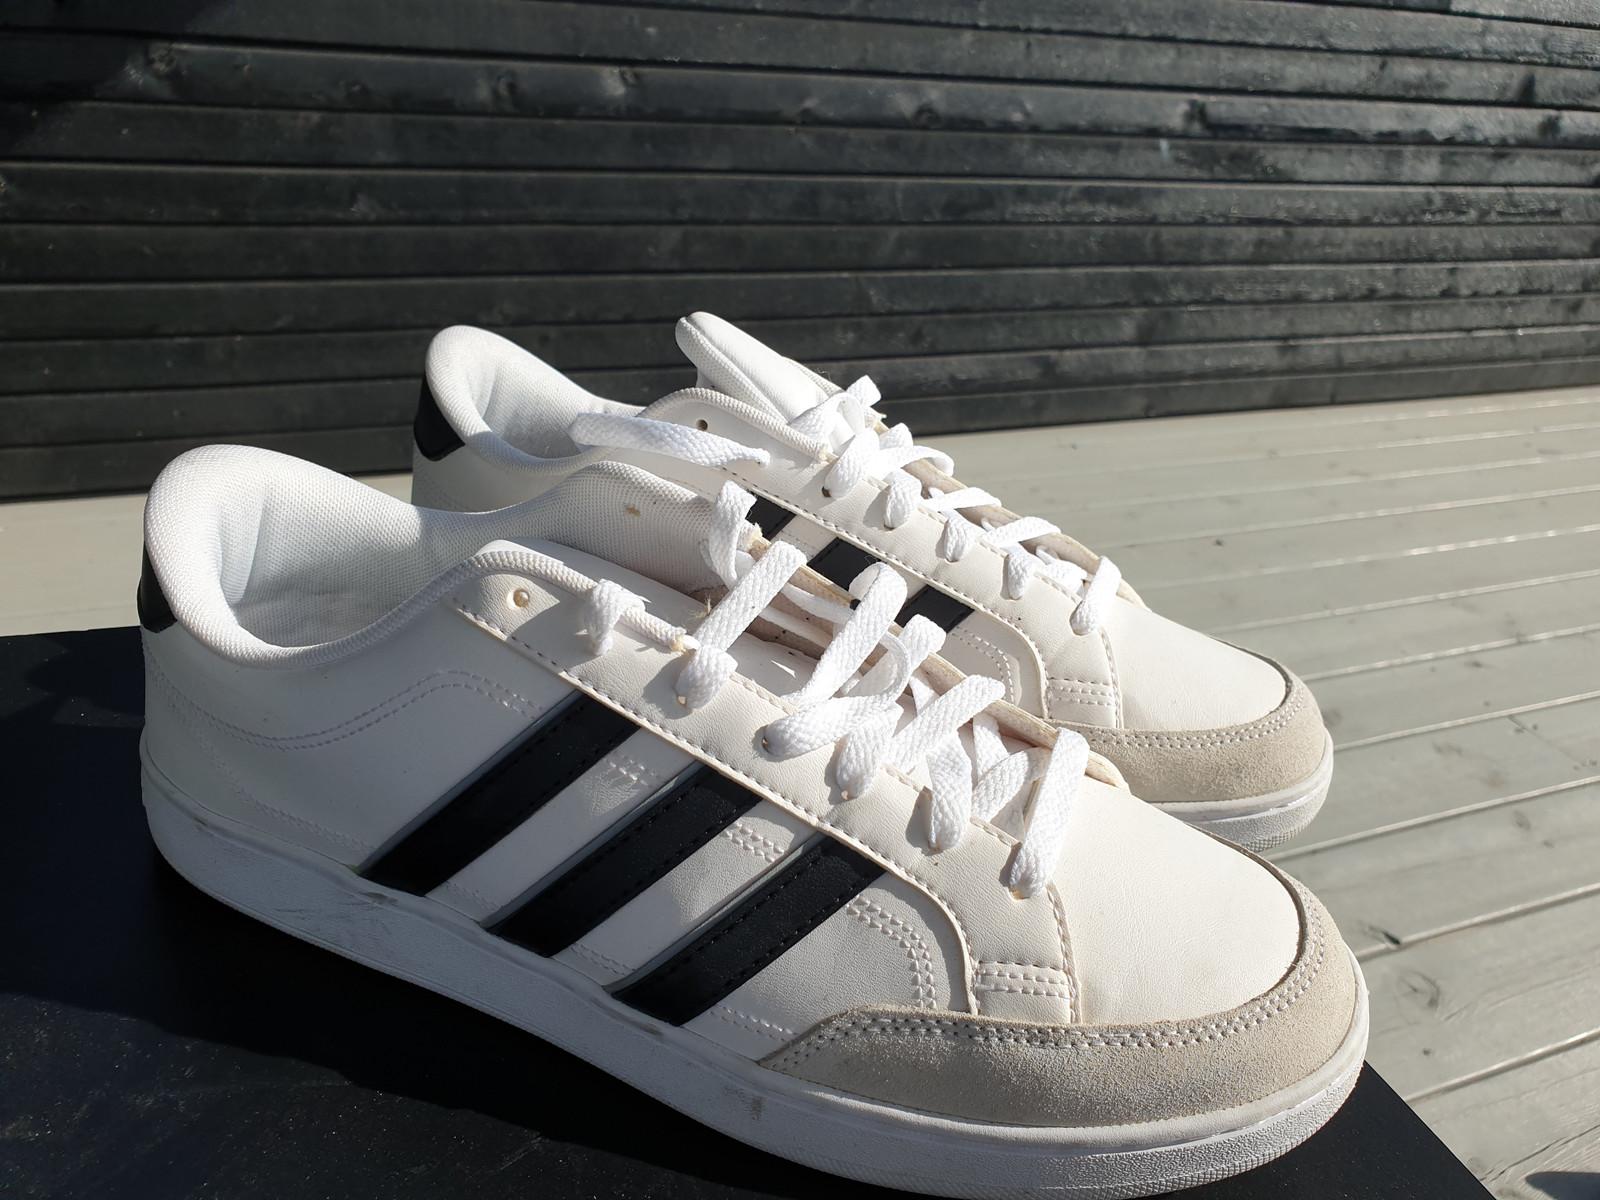 Nesten nye Hvite Adidas Sneakers, med sorte striper 44.5